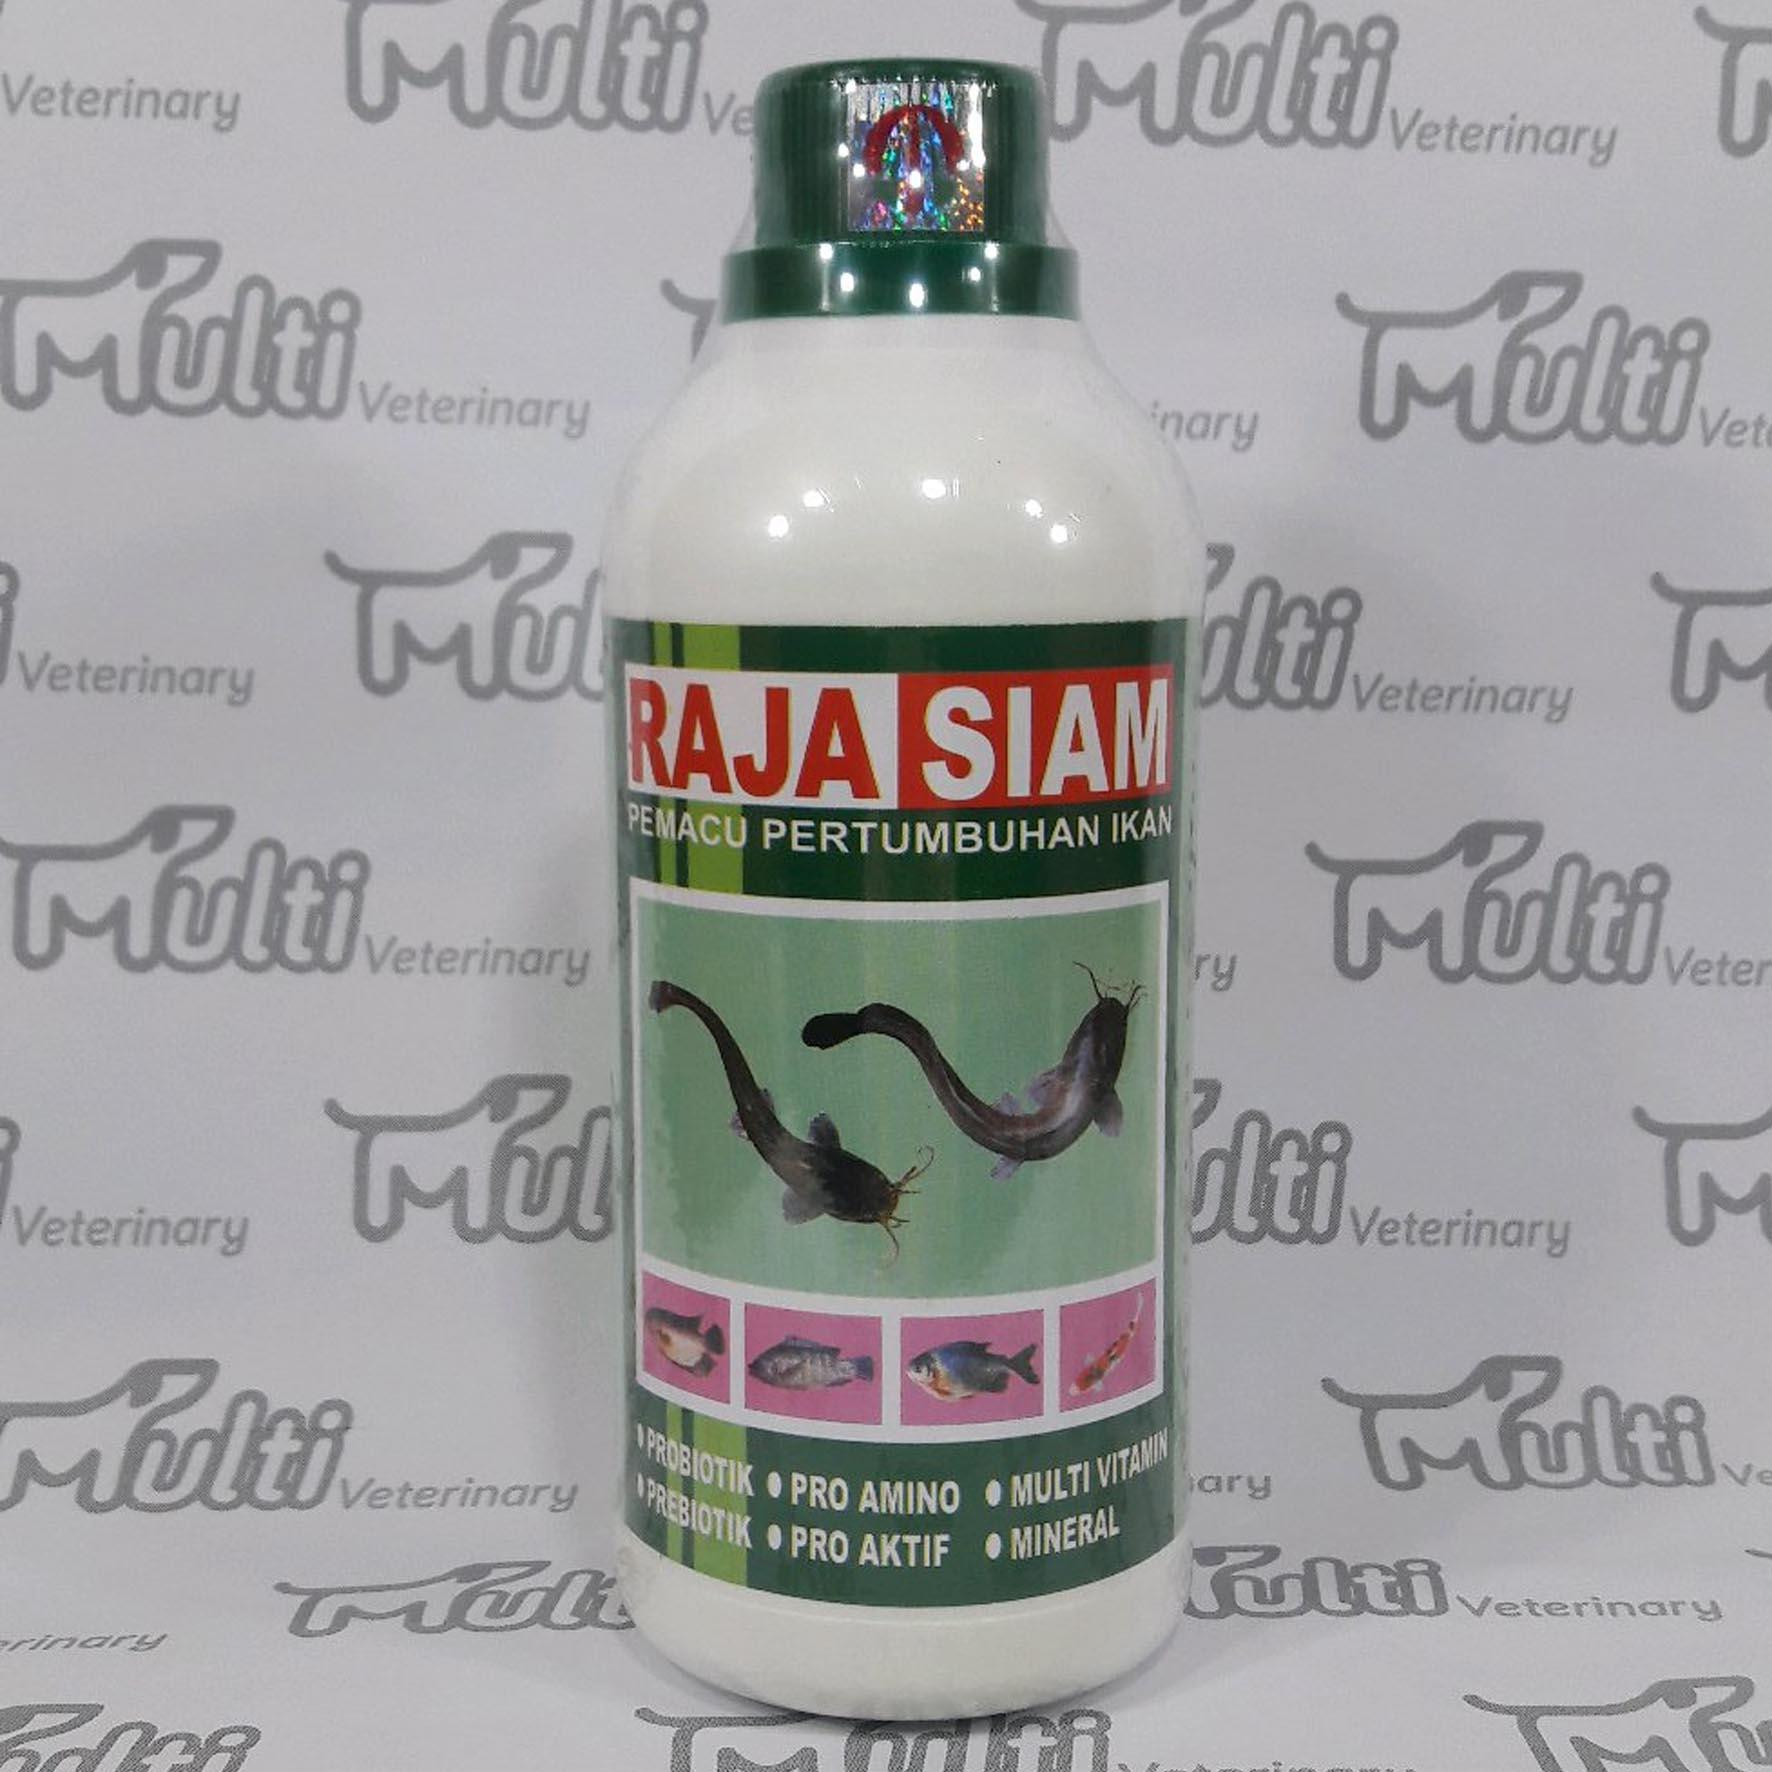 Pemacu Pertumbuhan Ikan Raja Siam 250 Ml By Multi Veterinary.